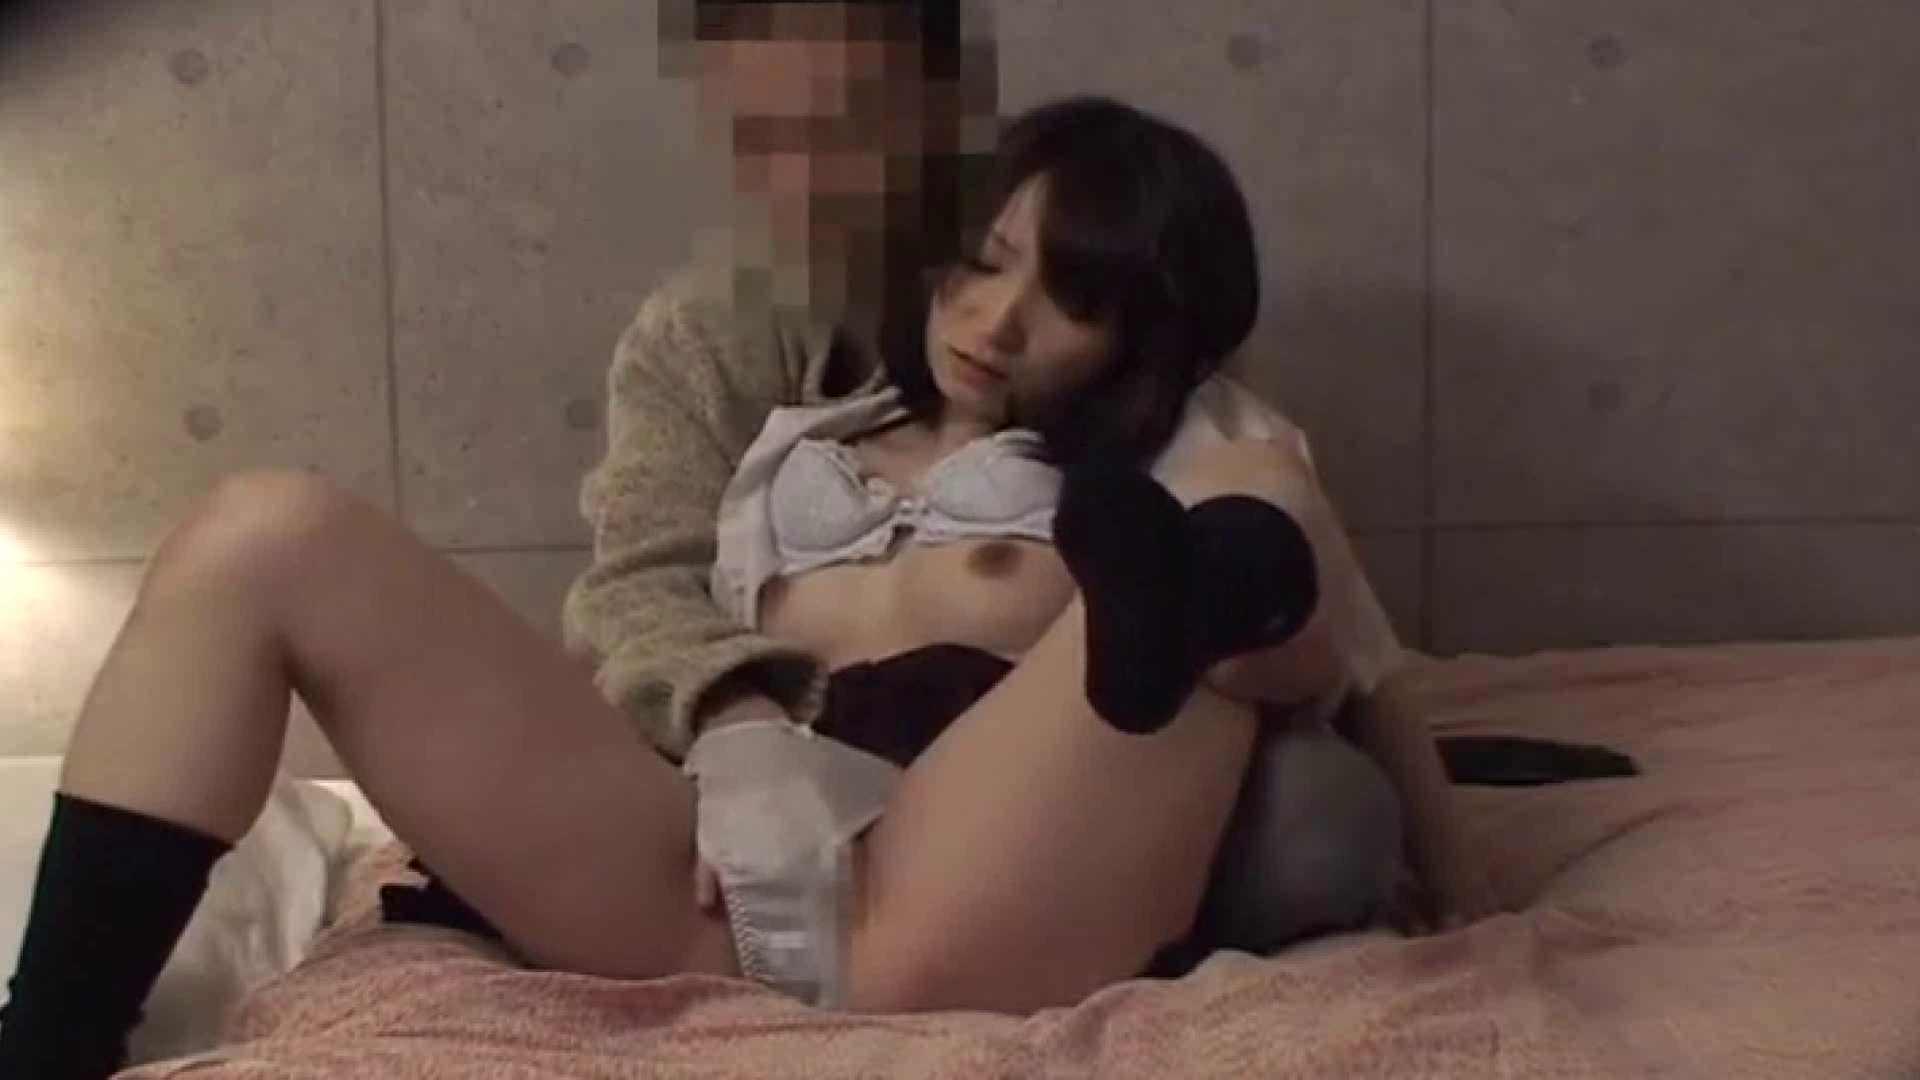 まだイッた経験のない乙女たち Vol.17 美しいOLの裸体  95pic 24